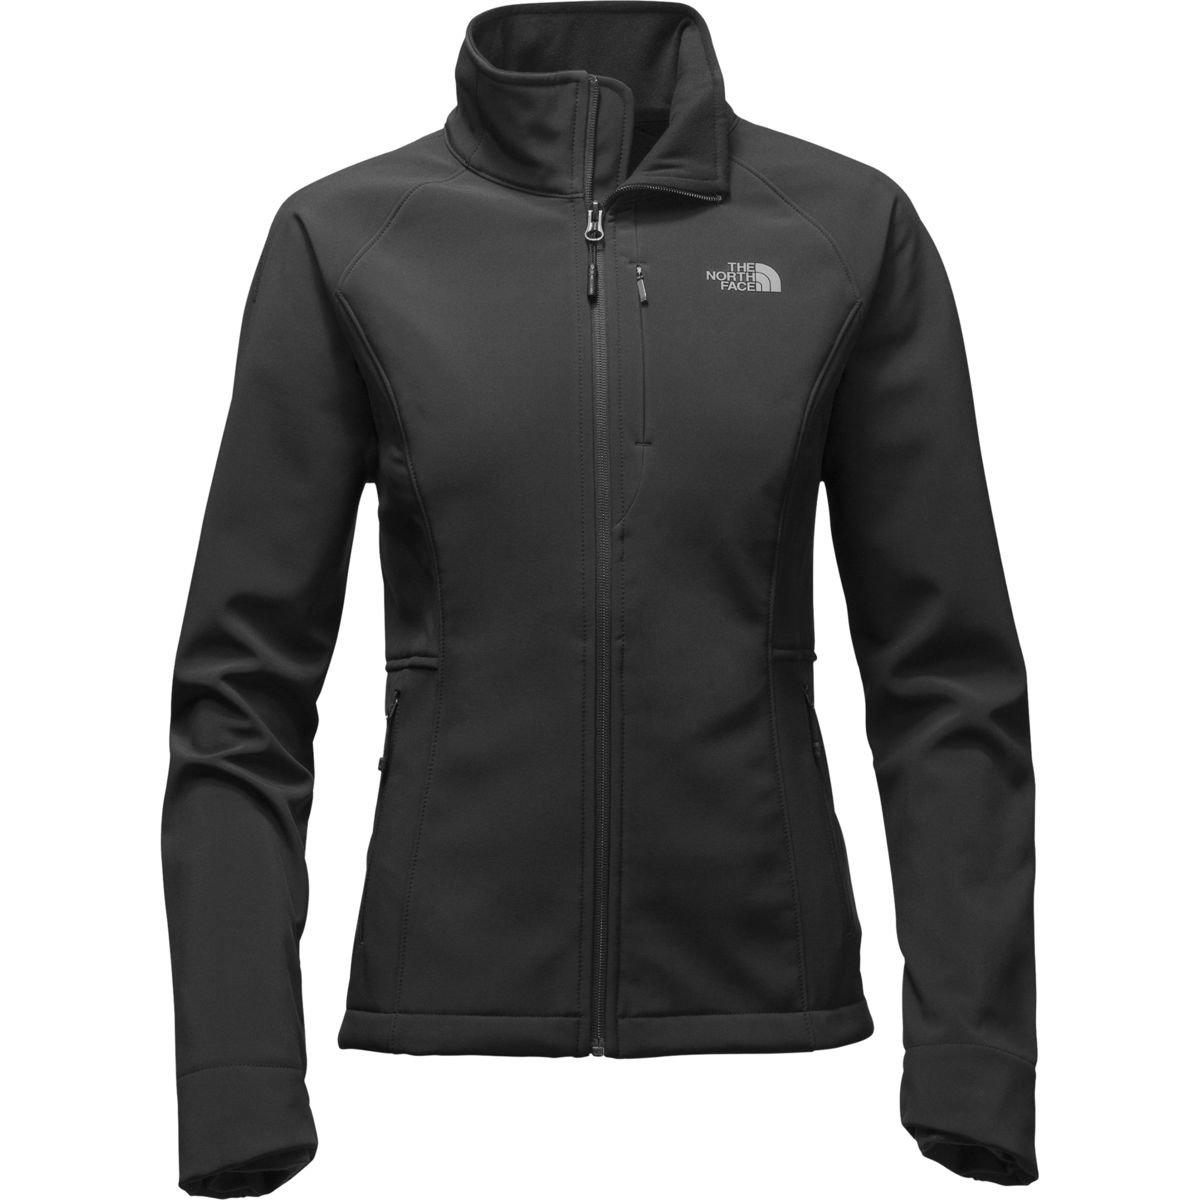 (ザノースフェイス) The North Face Apex Bionic 2 Softshell Jacket レディース ジャケットTnf Black [並行輸入品]   B077N2R5YB